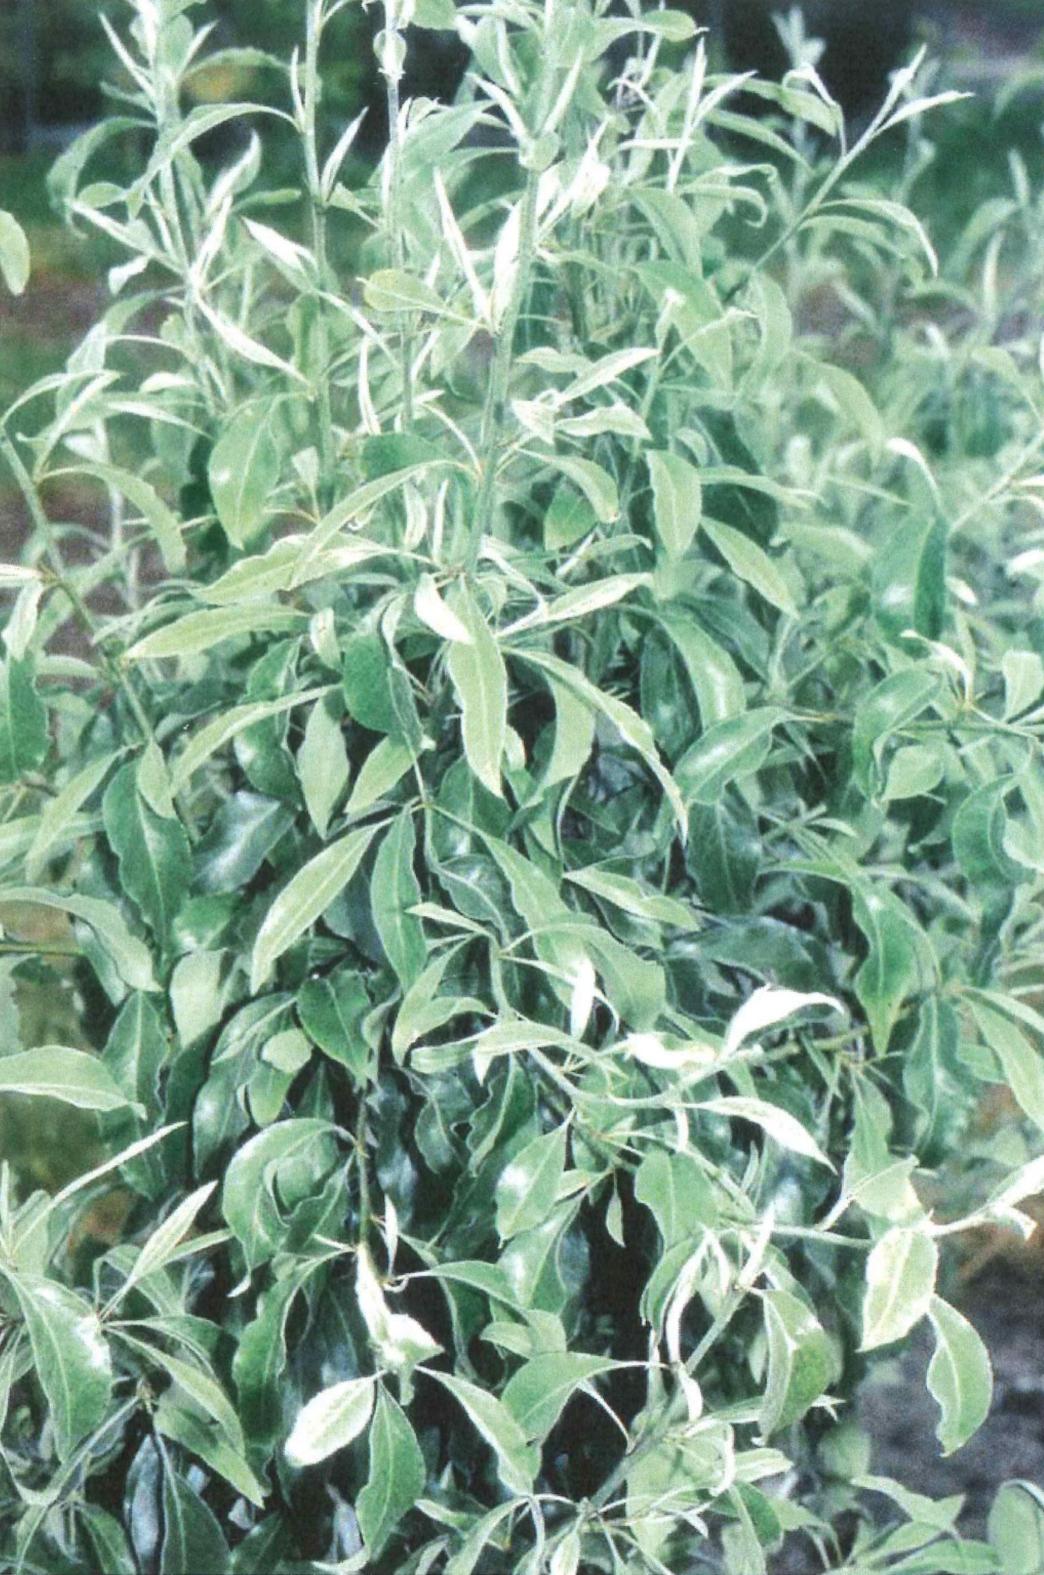 Pyrus elaeagnifolia 'Silver Sails' Ölweidenbirne 'Silver Sails'